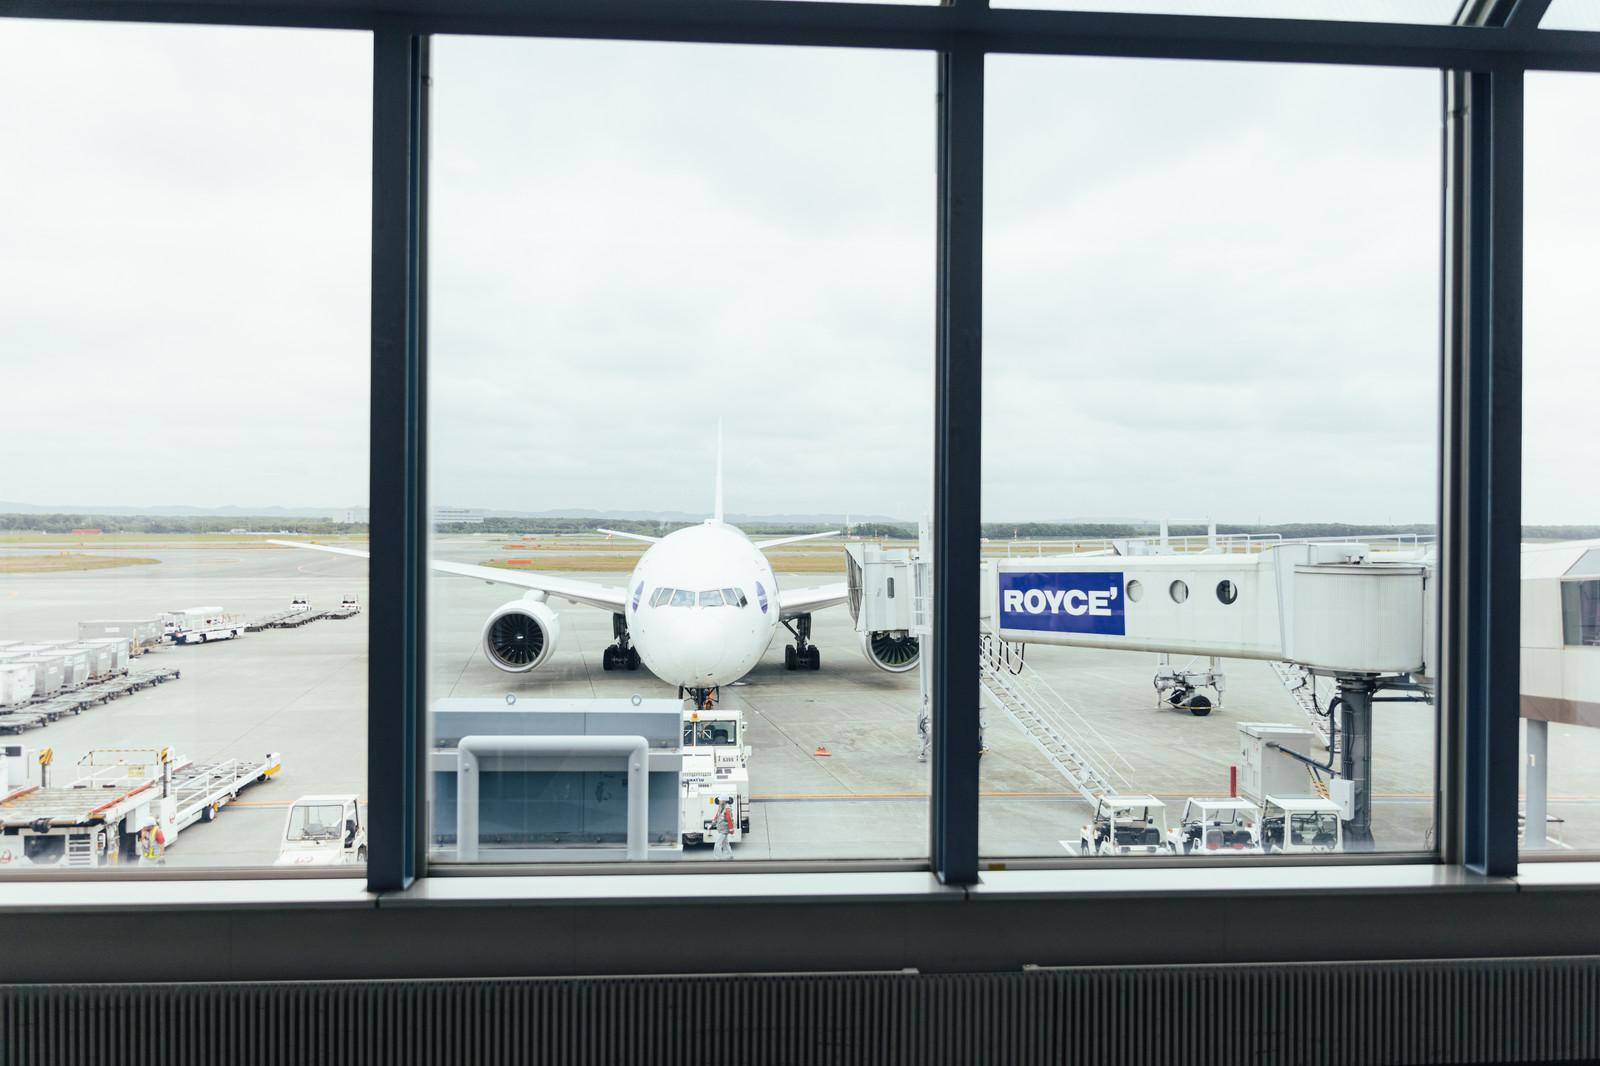 長崎空港のおすすめ駐車場をご紹介!料金が安い・予約OKの人気パーキングも!